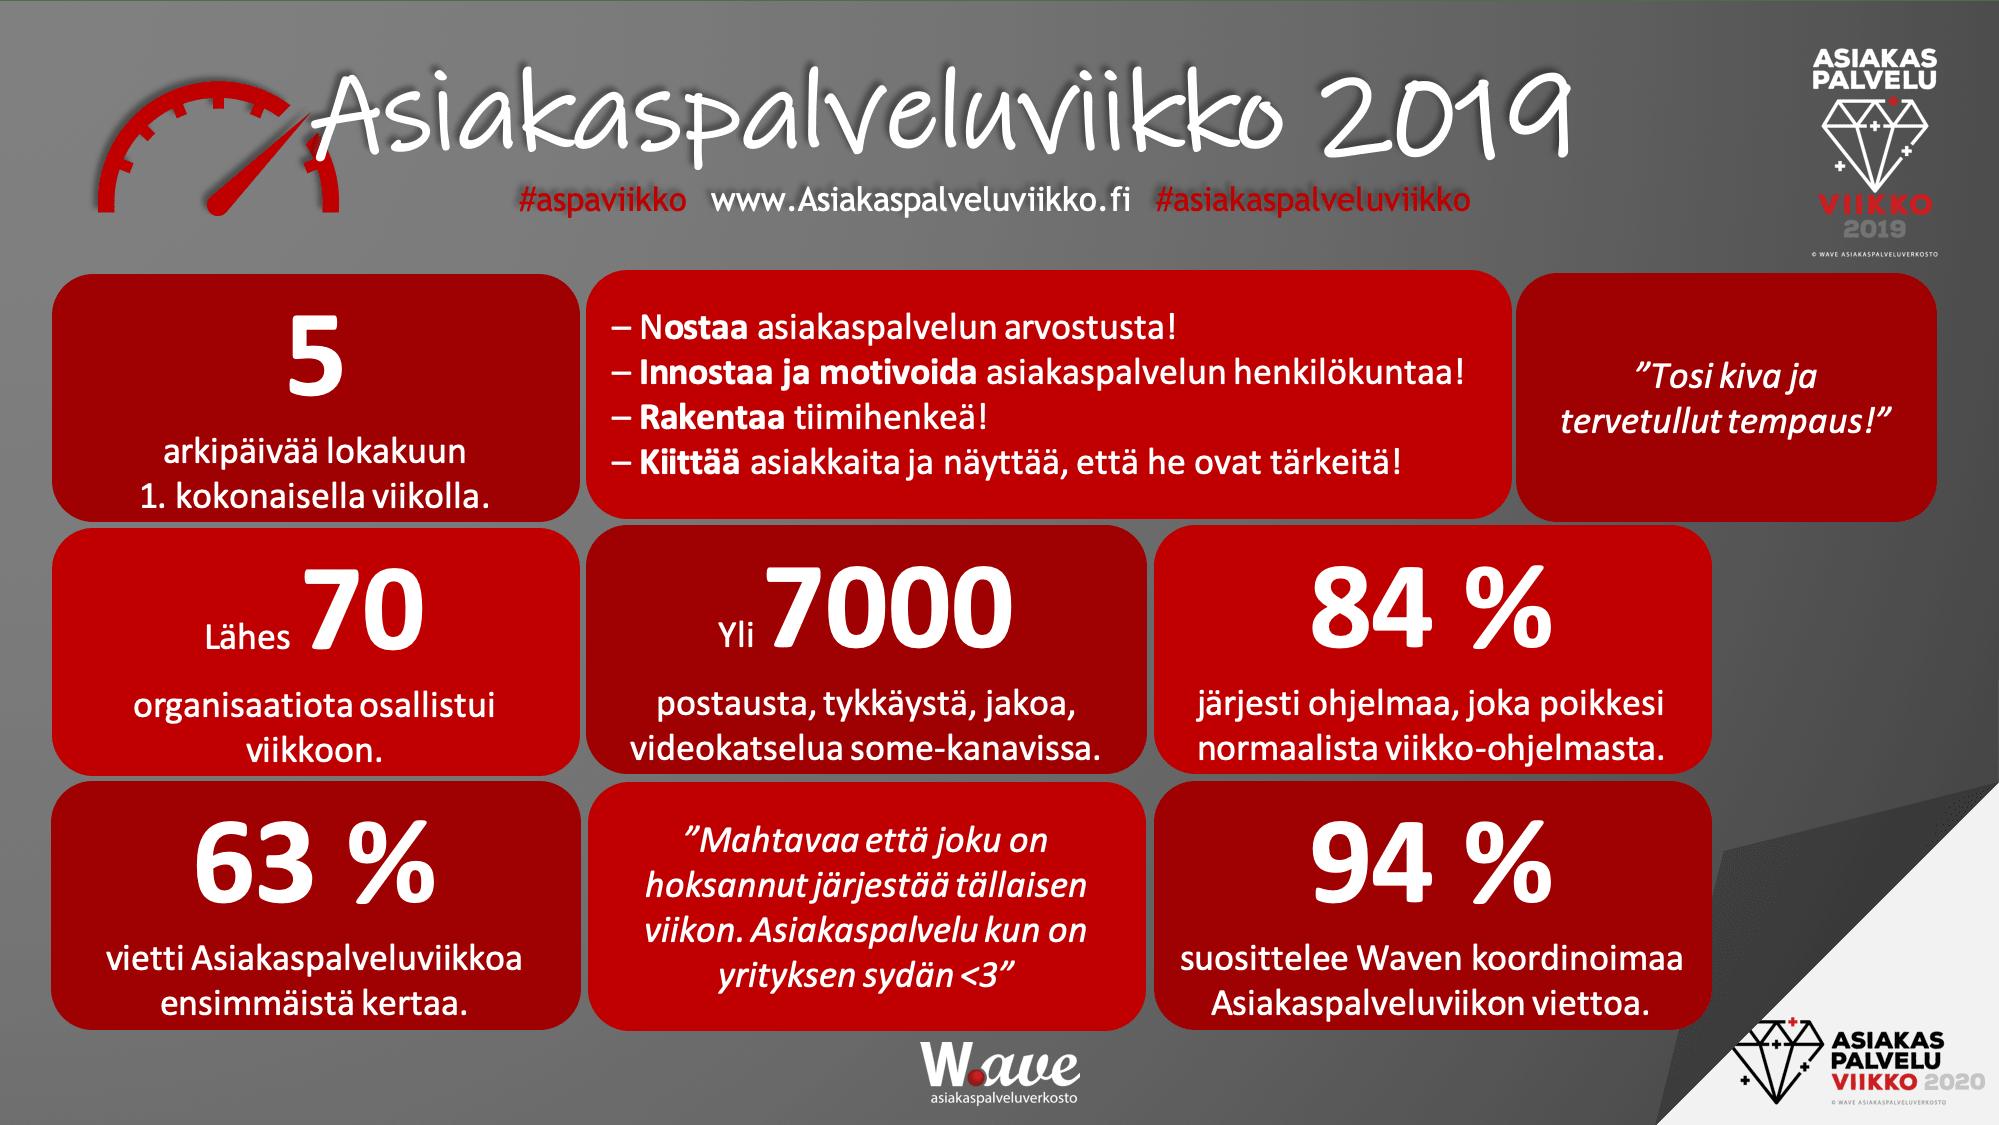 Wave - Asiakaspalveluviikko.fi 2019